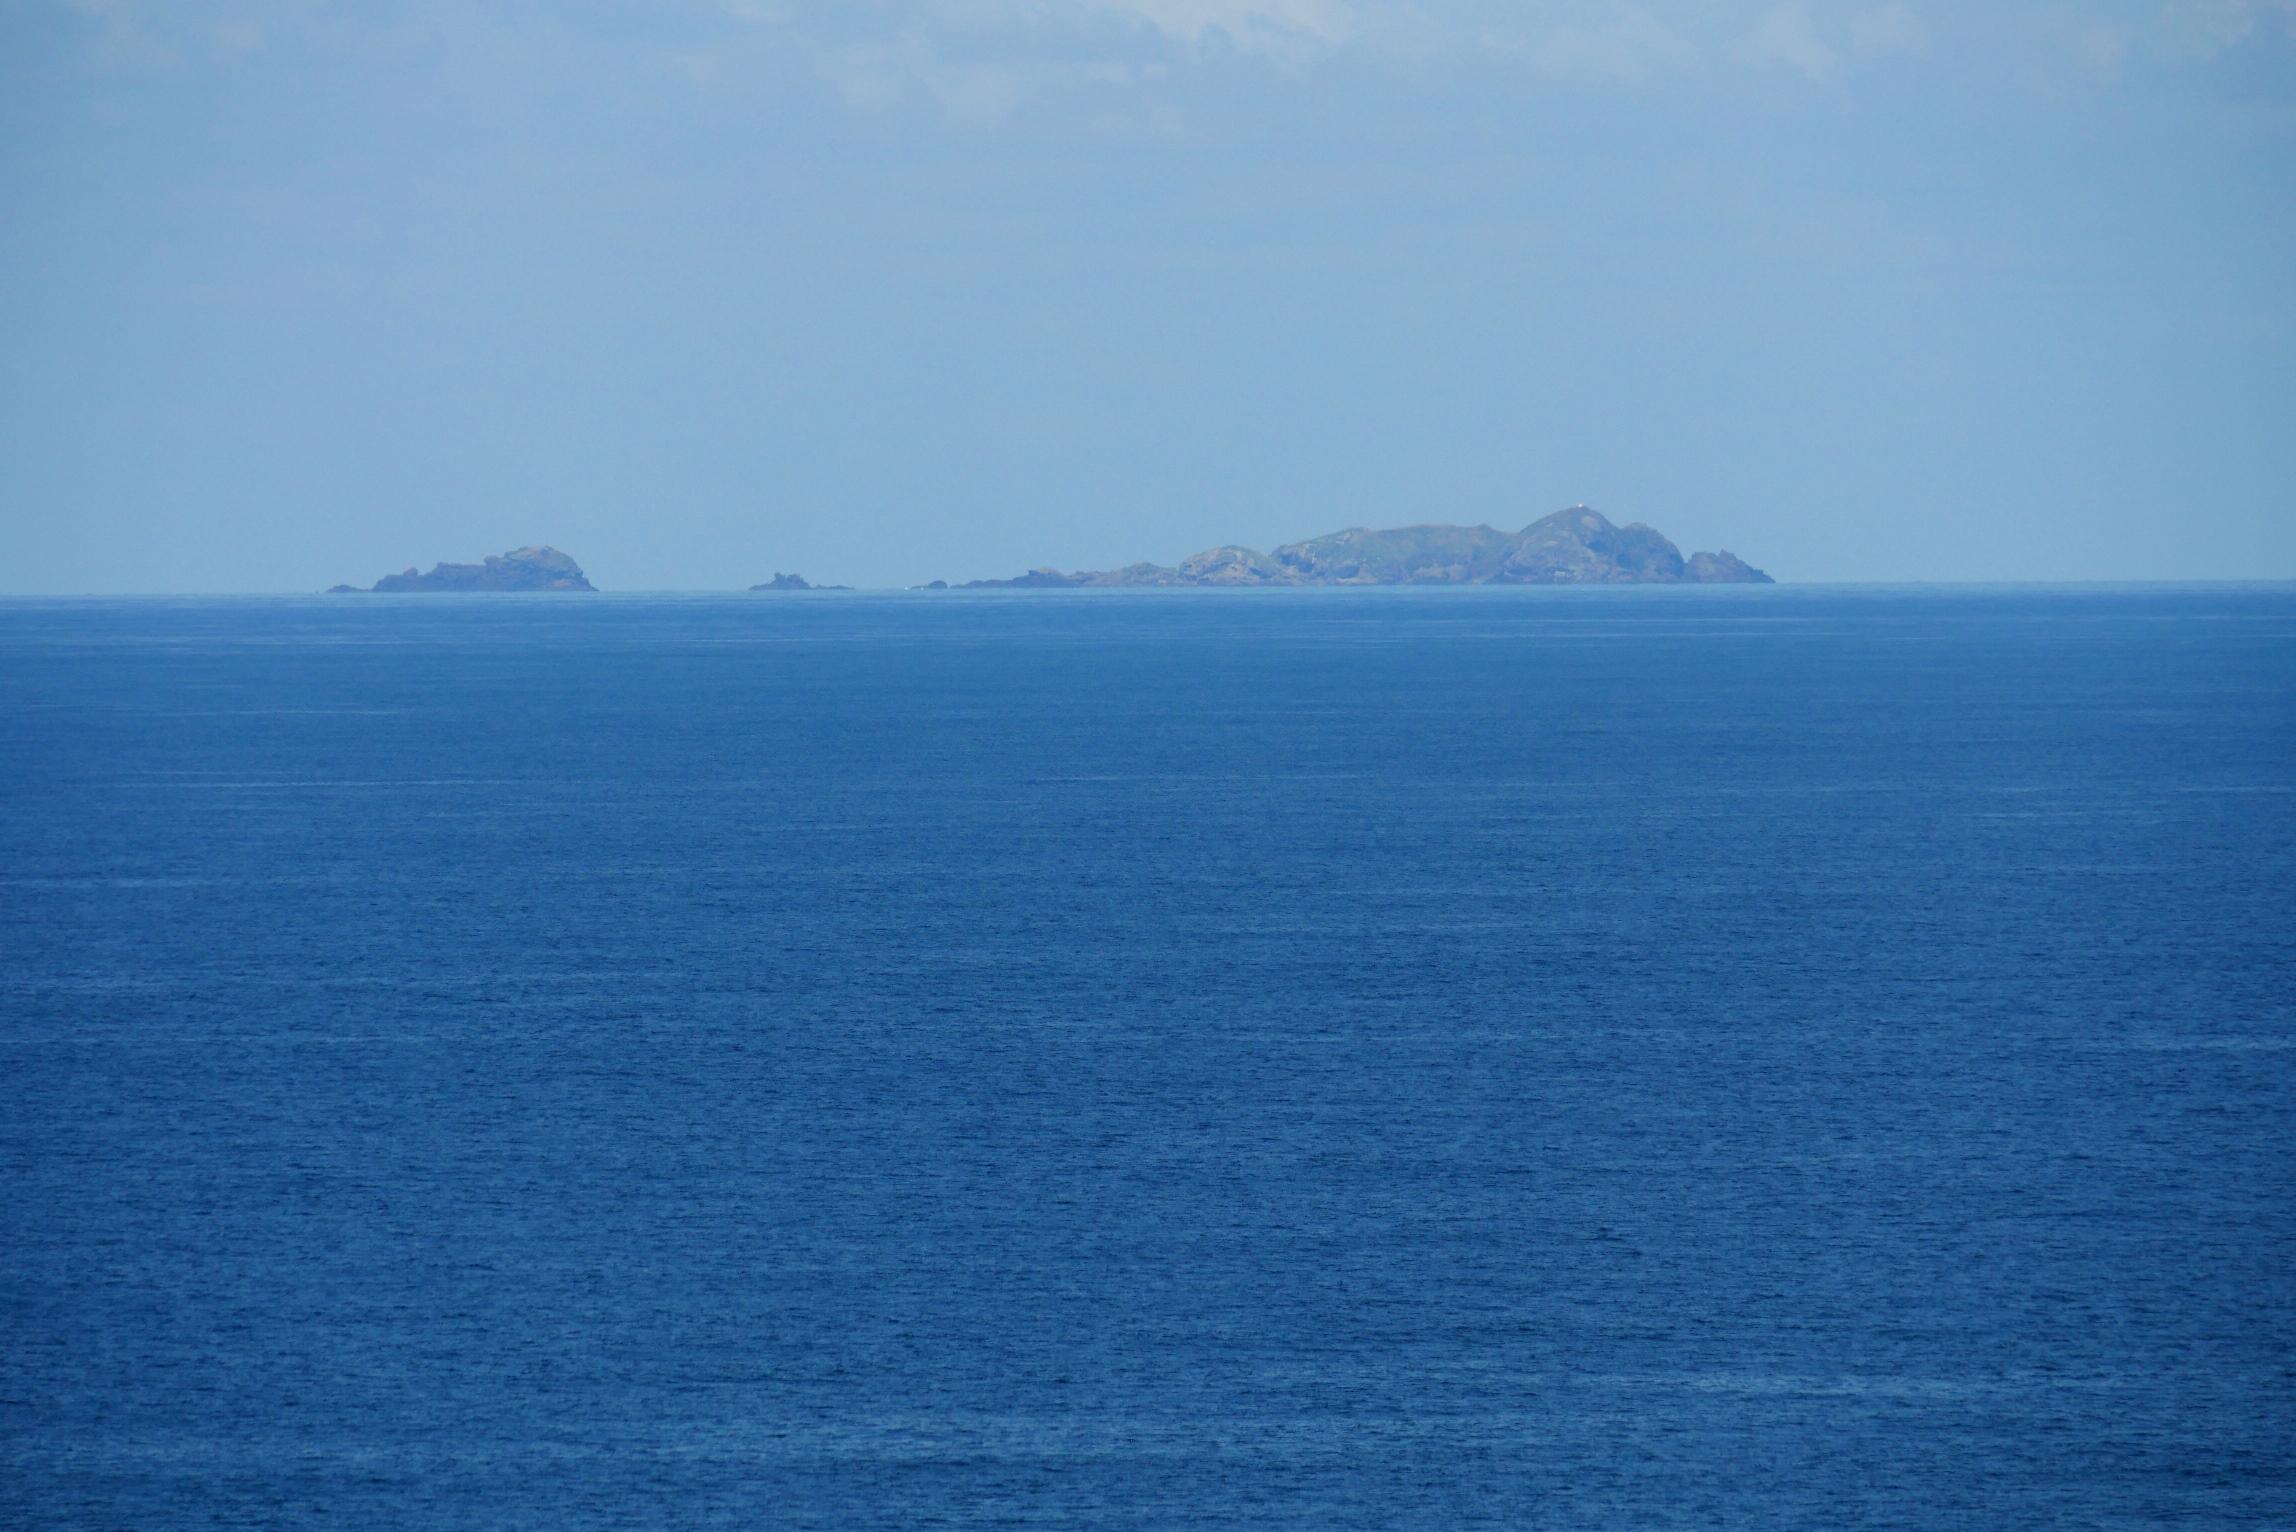 七ツ島 望遠レンズで撮影!